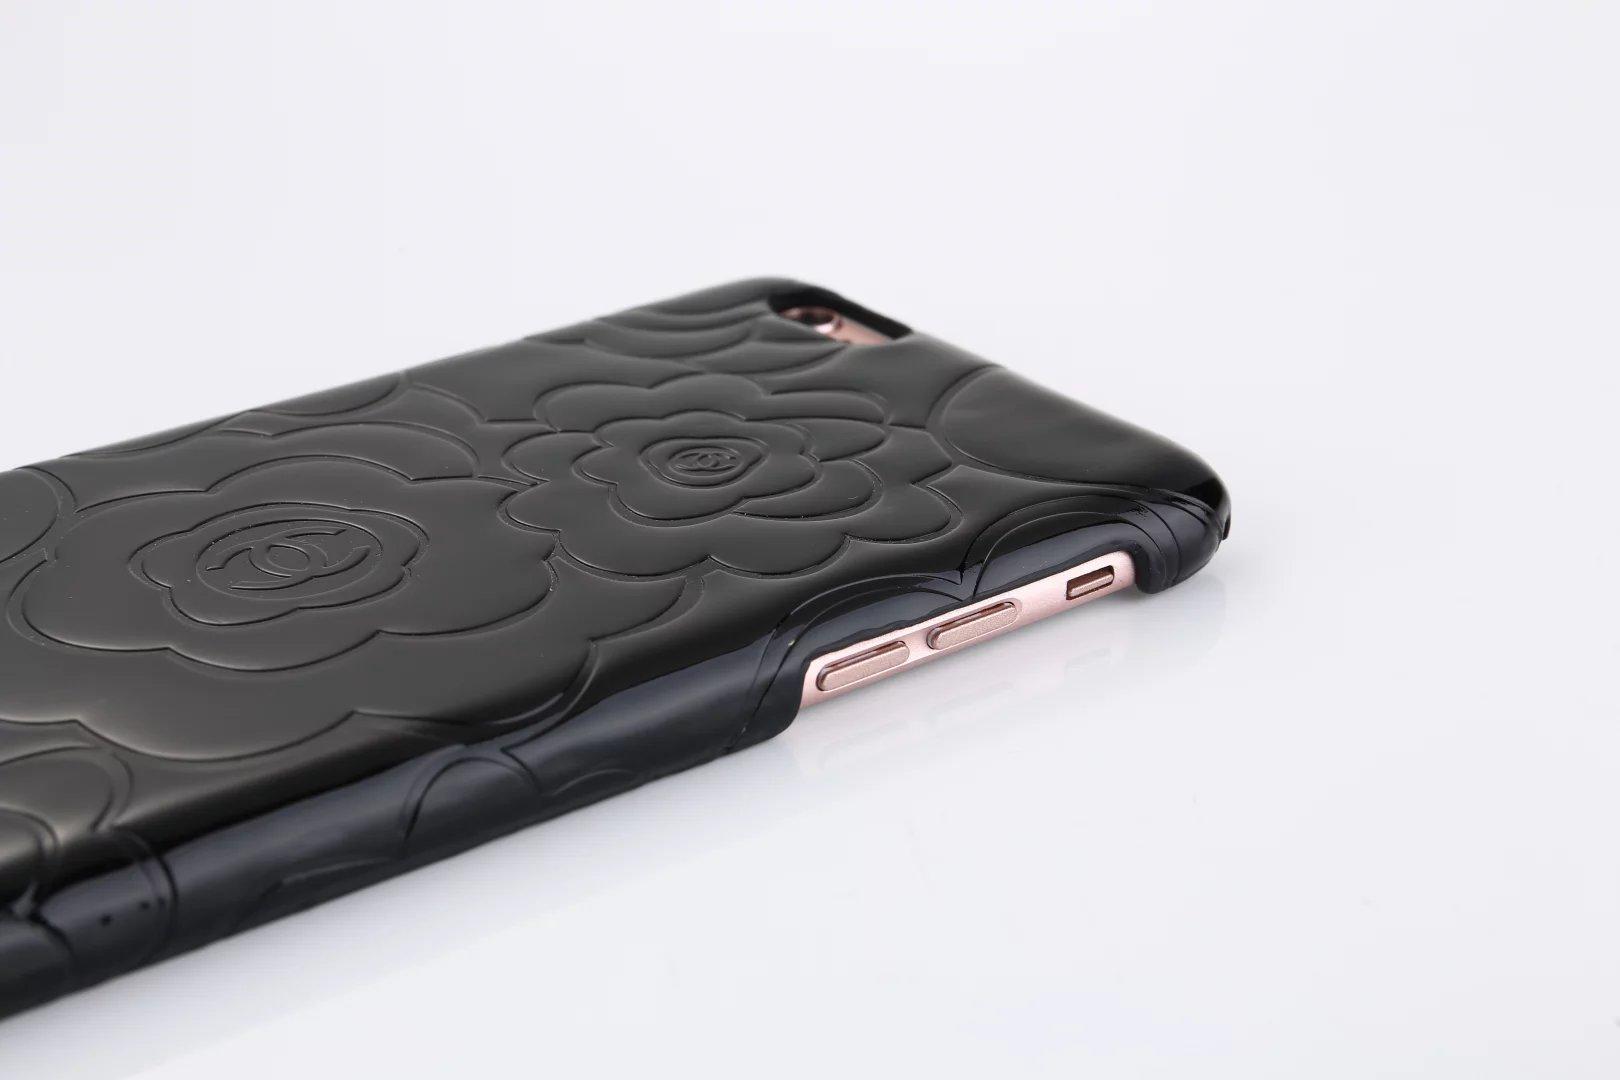 shop iphone 7 Plus cases iphone 7 Plus cas fashion iphone7 Plus case top 7 Plus iphone 7 Plus cases designer galaxy note 3 case apple iphone 7 Plus case cover designer online store case it iphone 7 Plus designer sale online